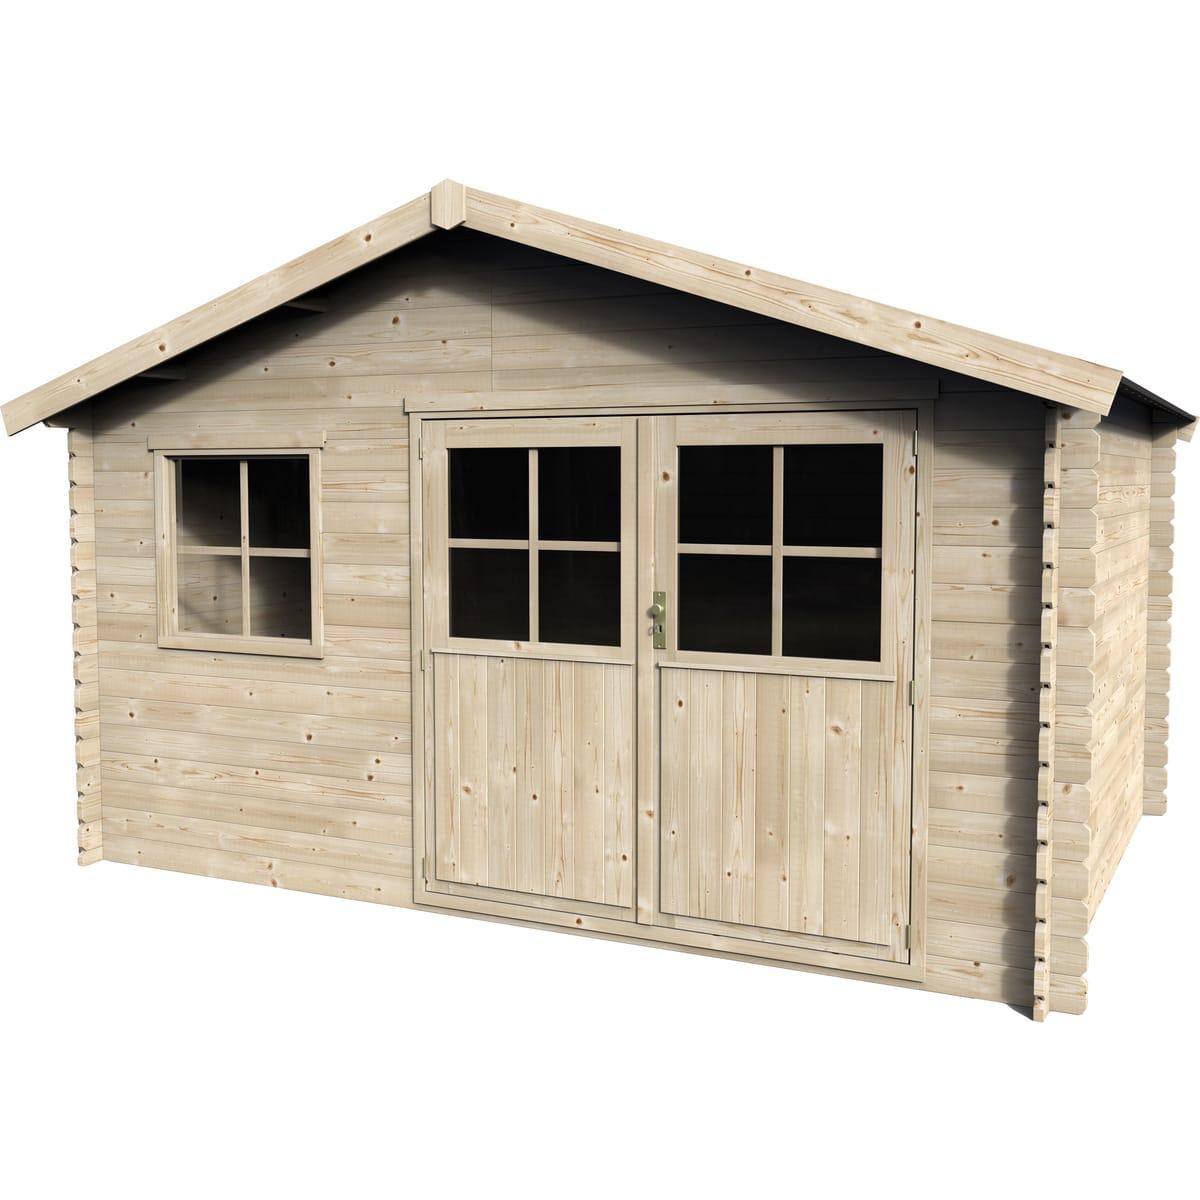 Abri de jardin Fayon en bois (9.36 m2)